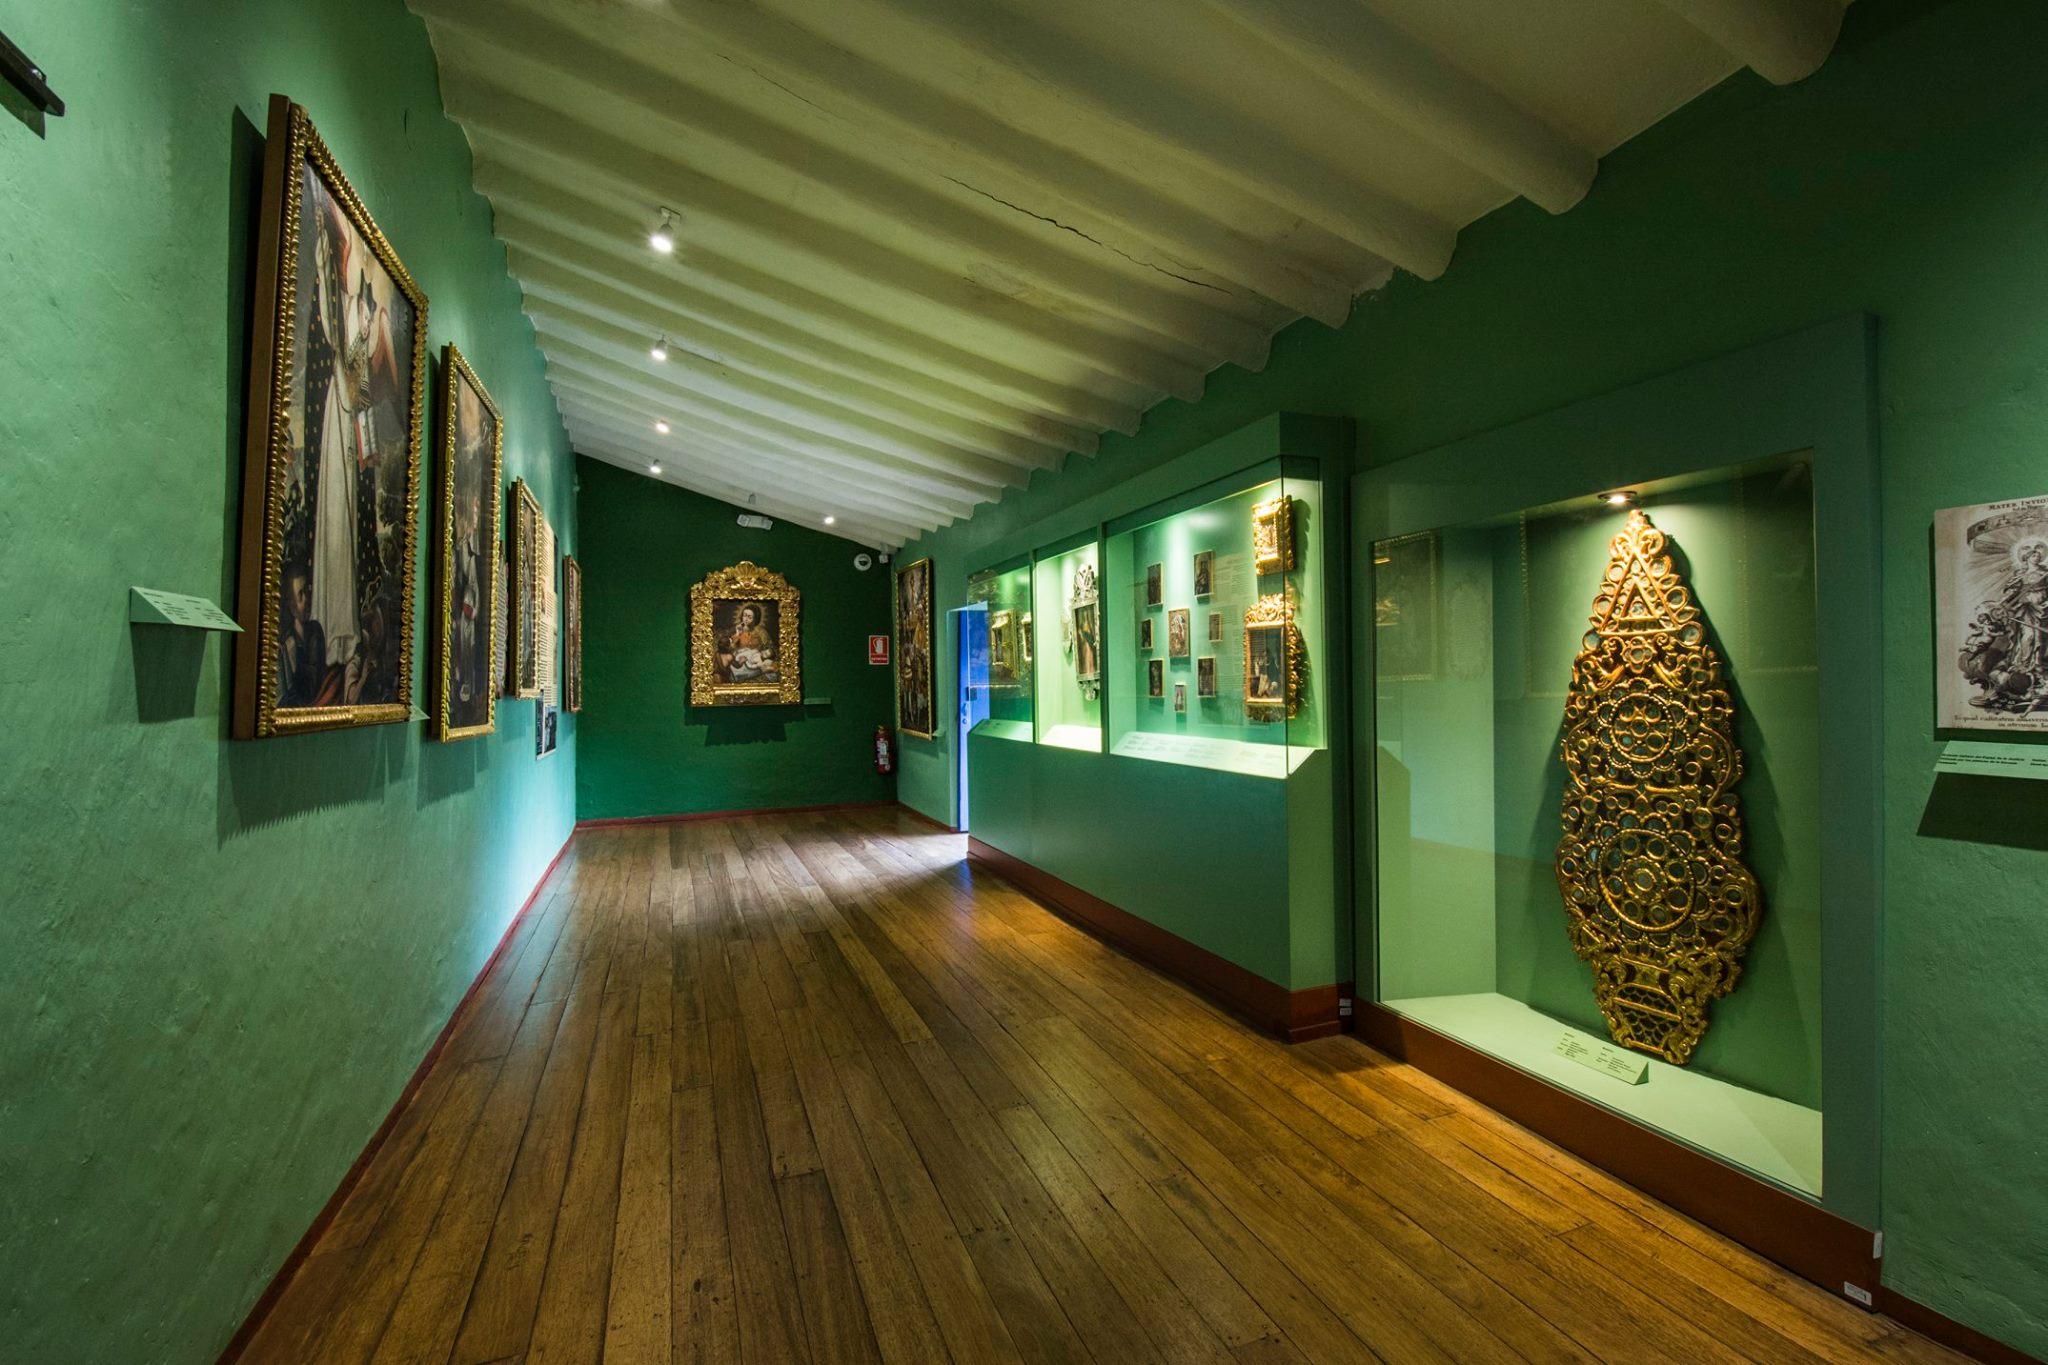 El arte colonial también tiene una sala exclusiva. (Foto: Facebook Museo Histórico Regional Casa del Inca Garcilaso de la Vega)